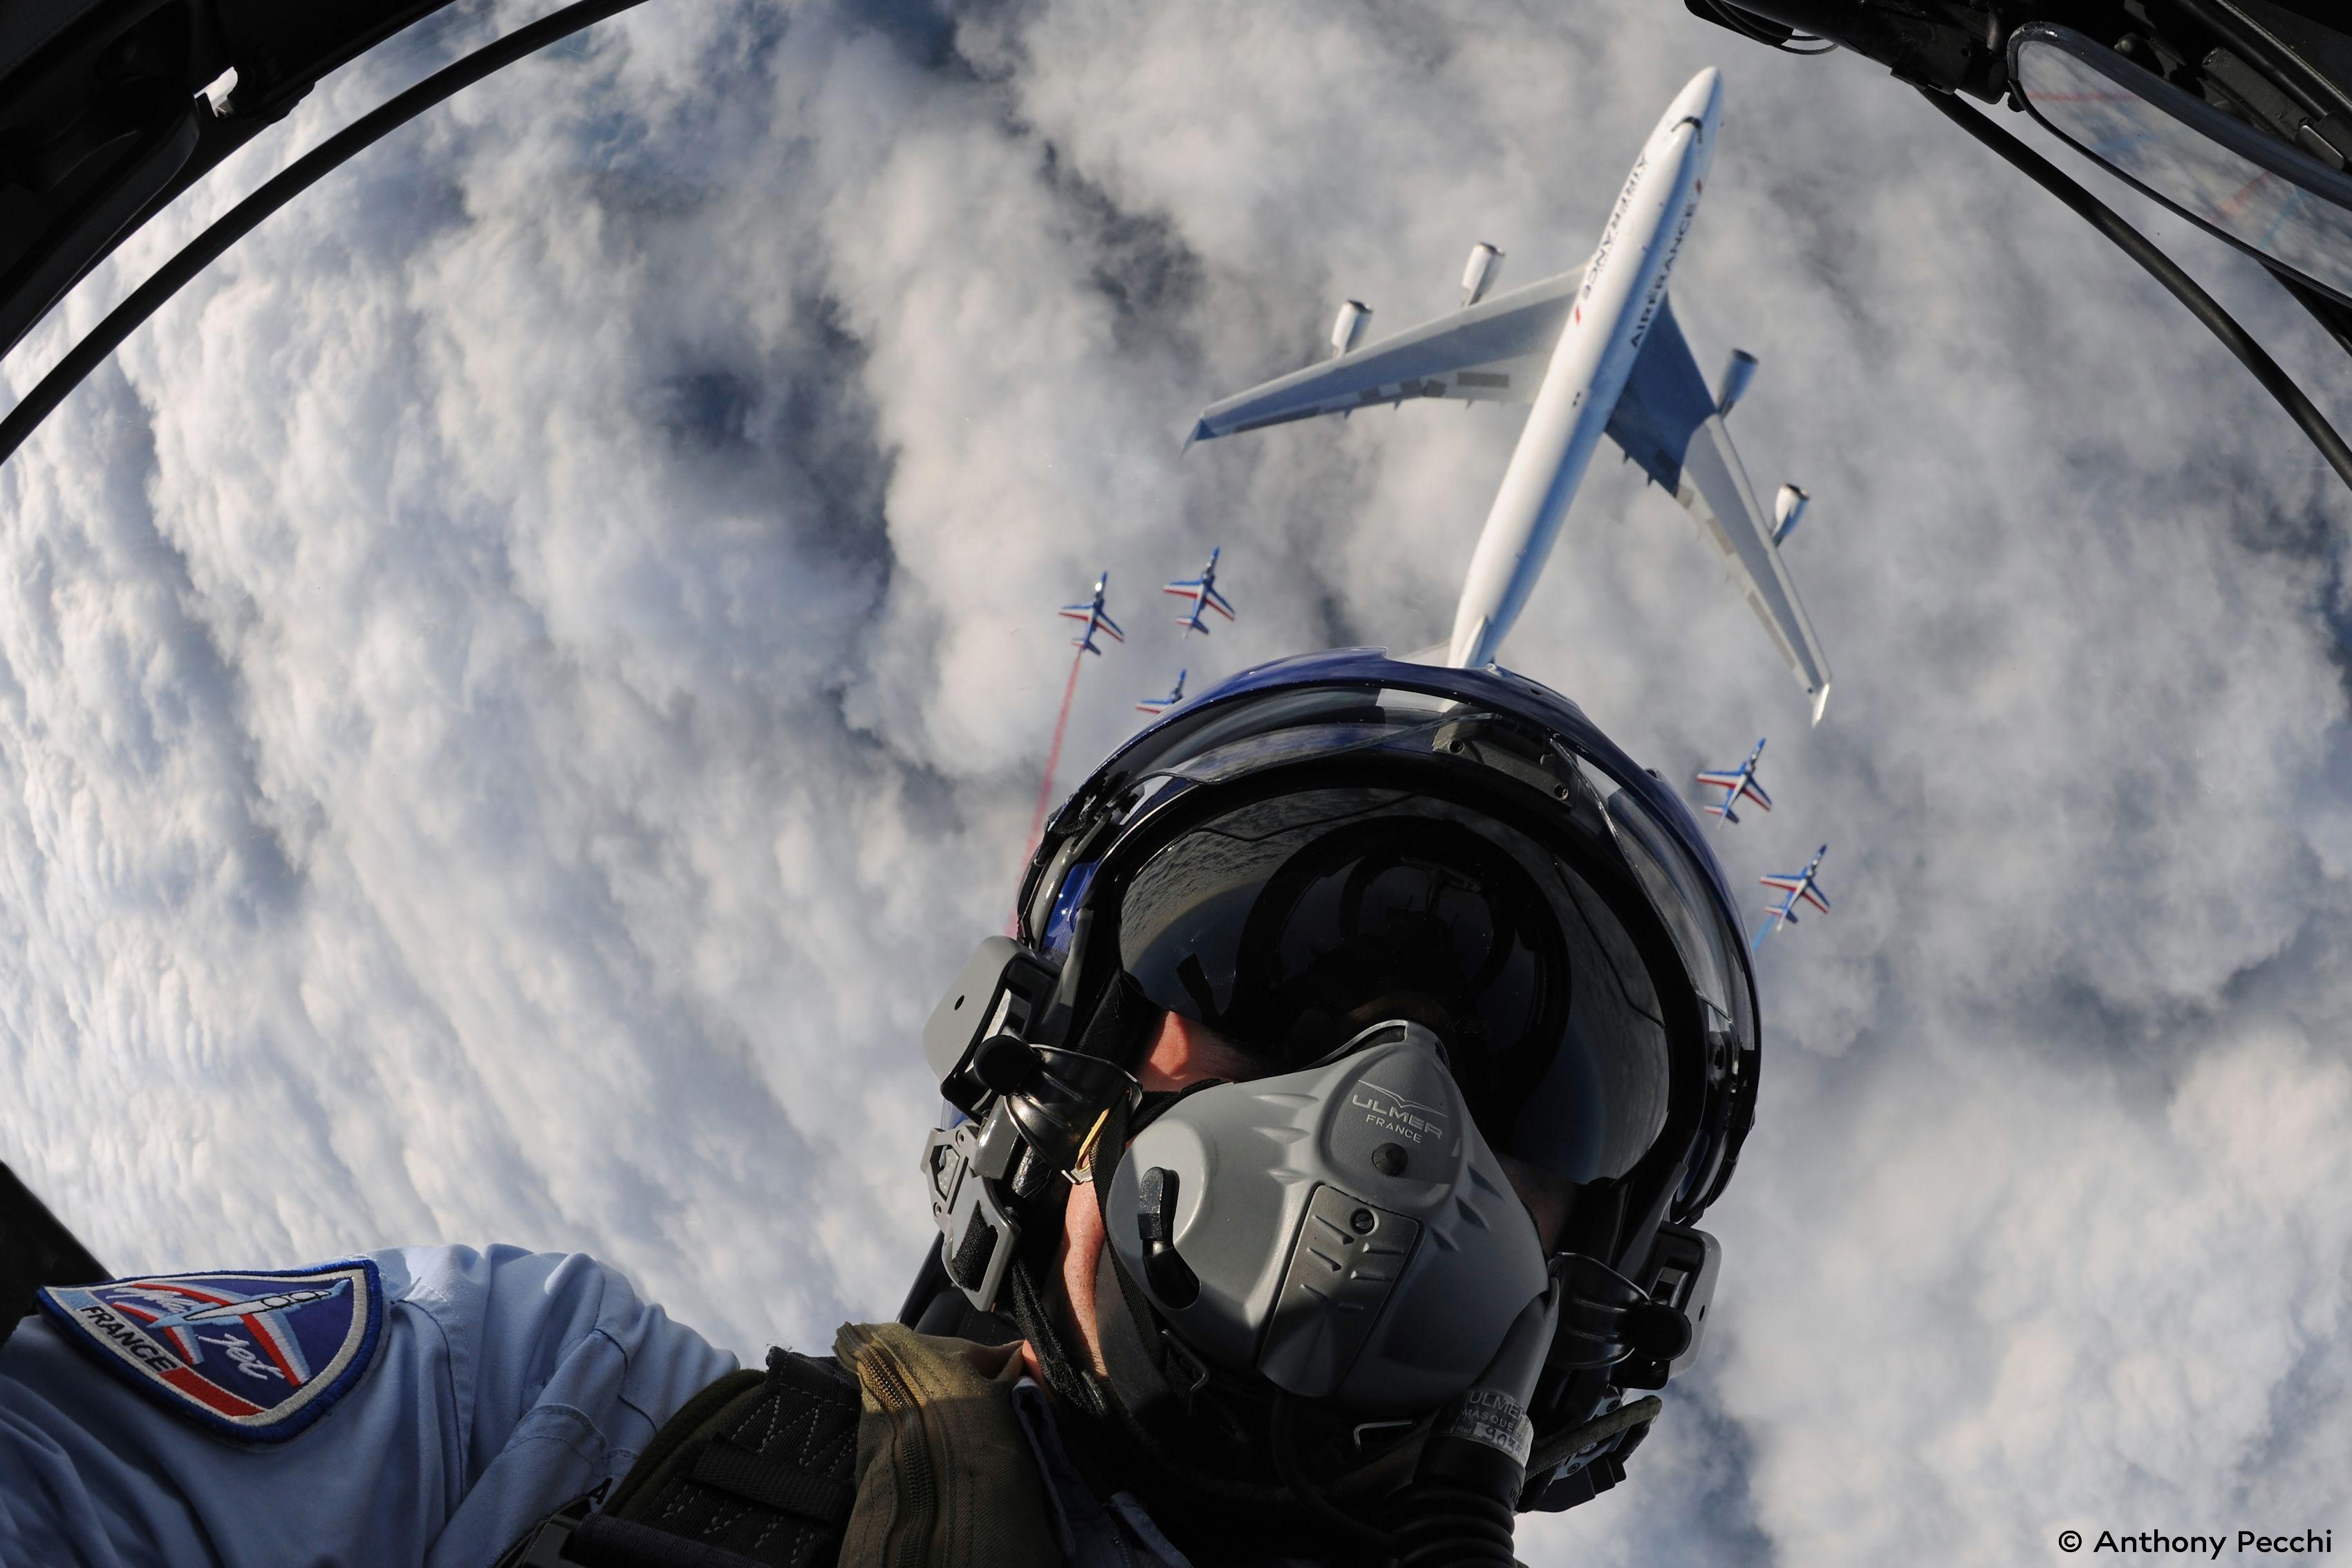 Selfie taken with the Patrouille Acrobatique de France